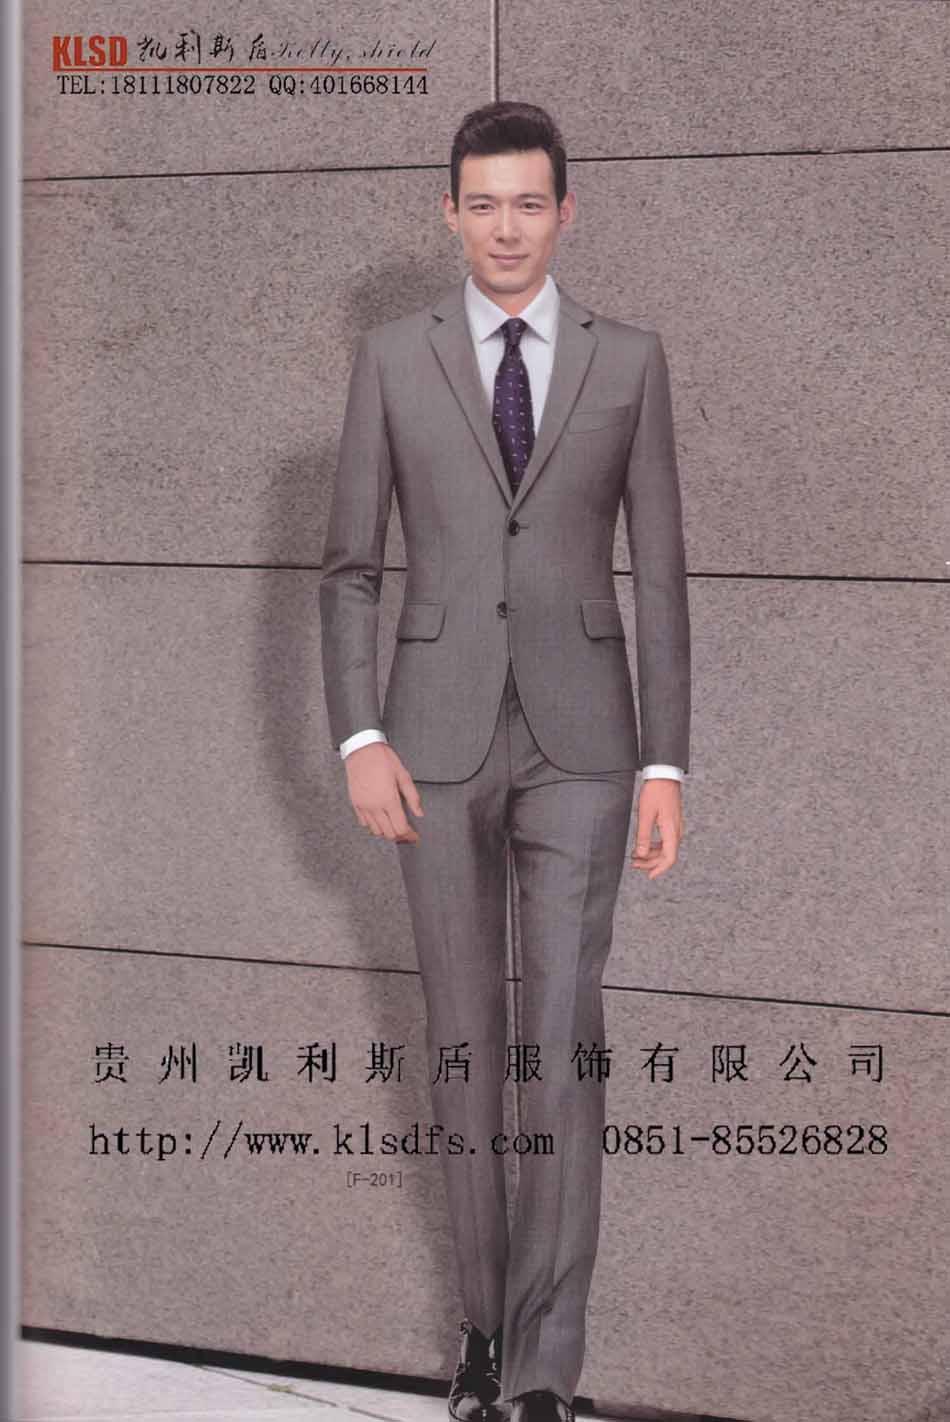 新品高级男装供应 同城的贵州服装厂